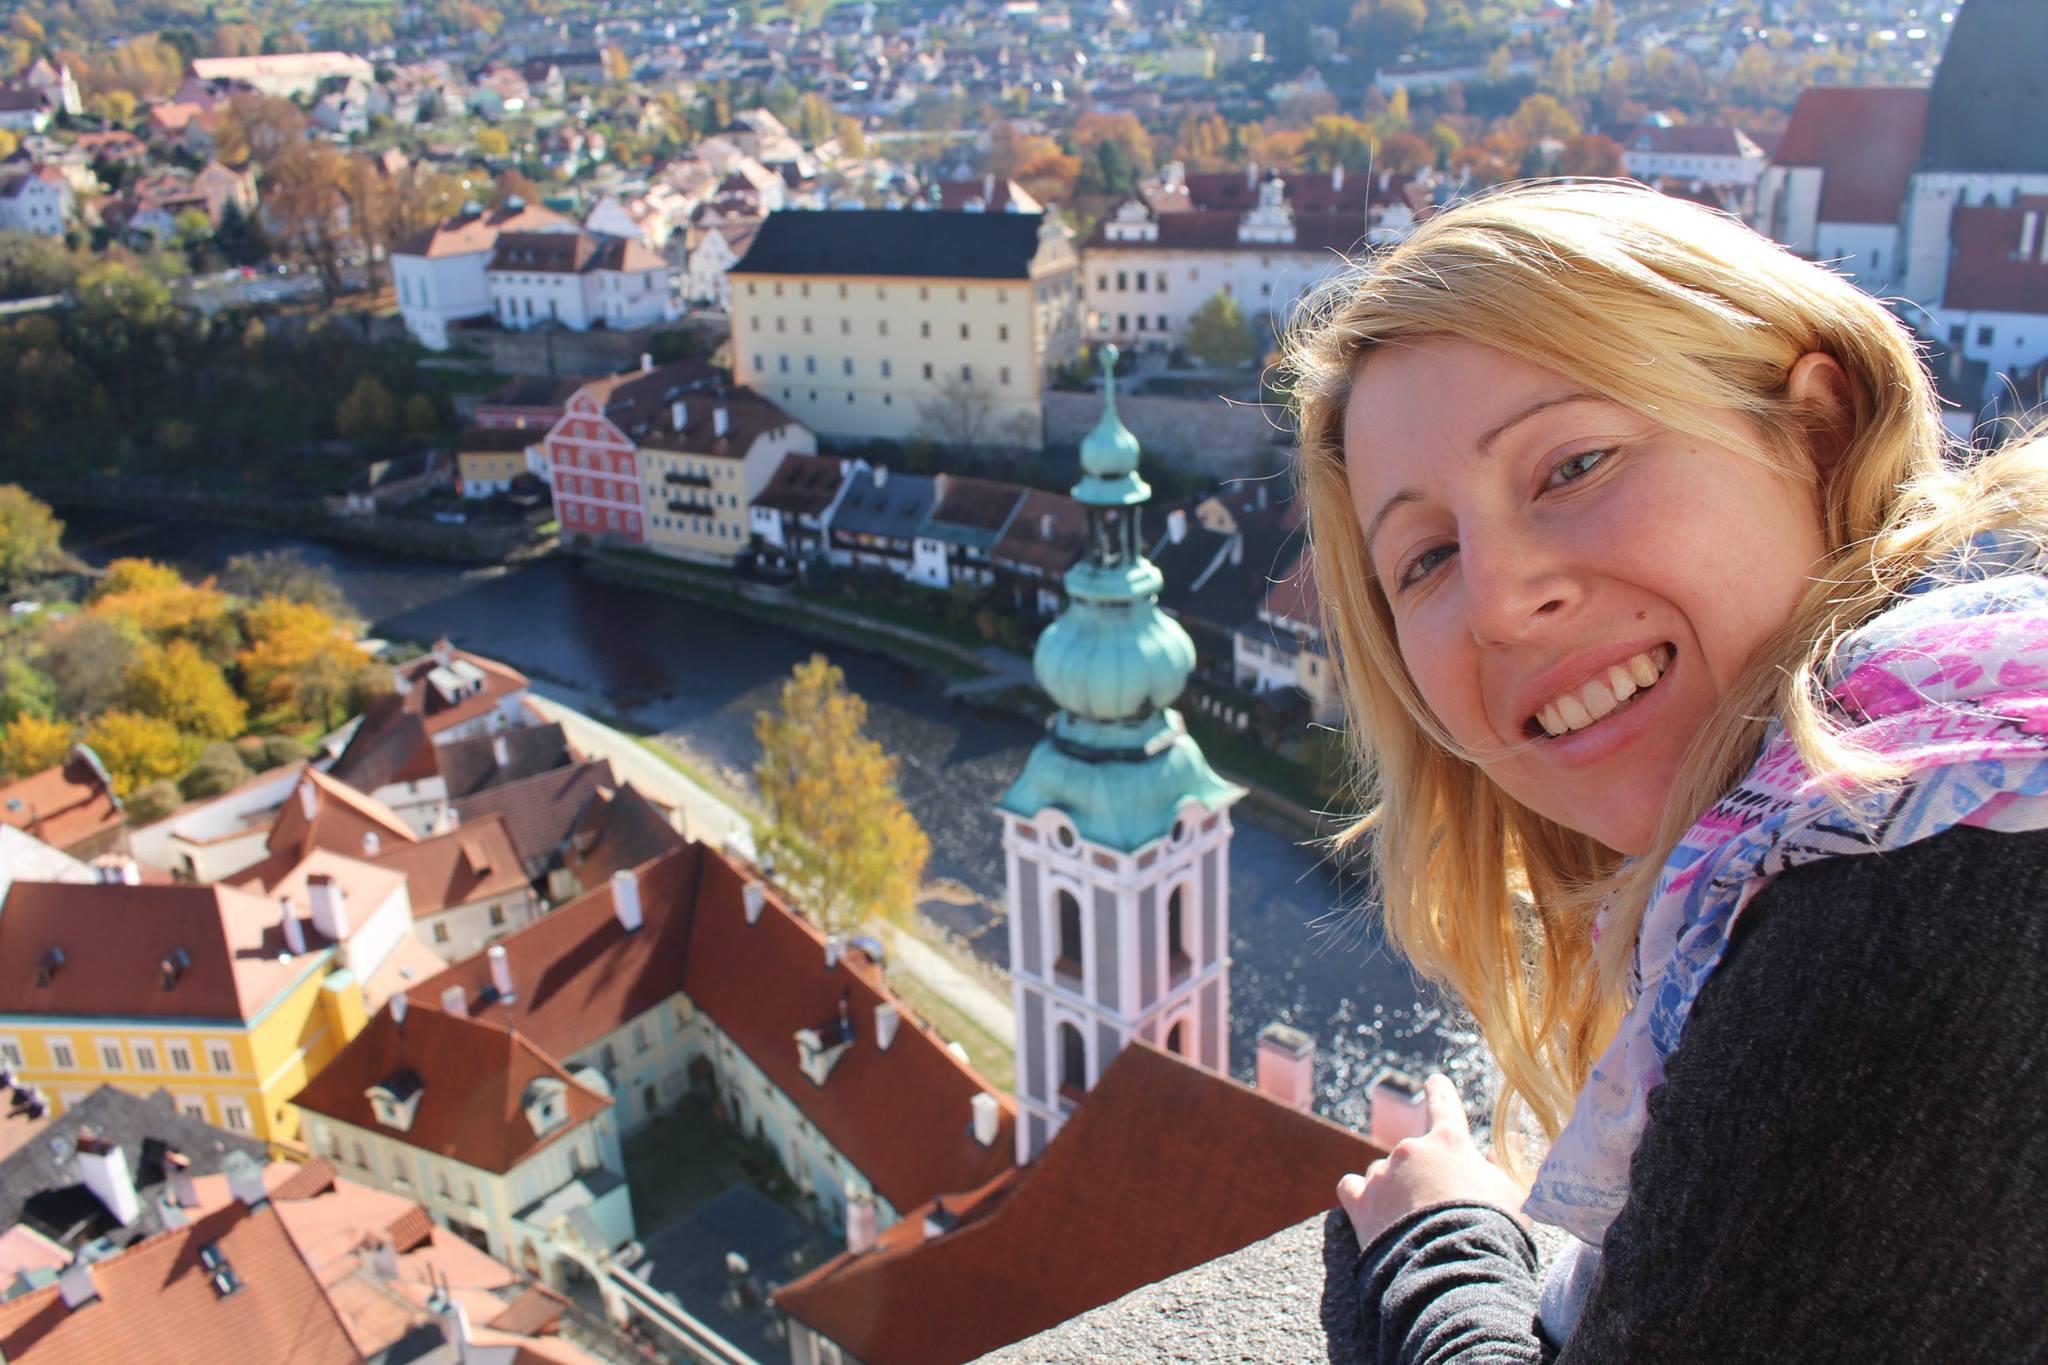 Češki Krumlov, Češka